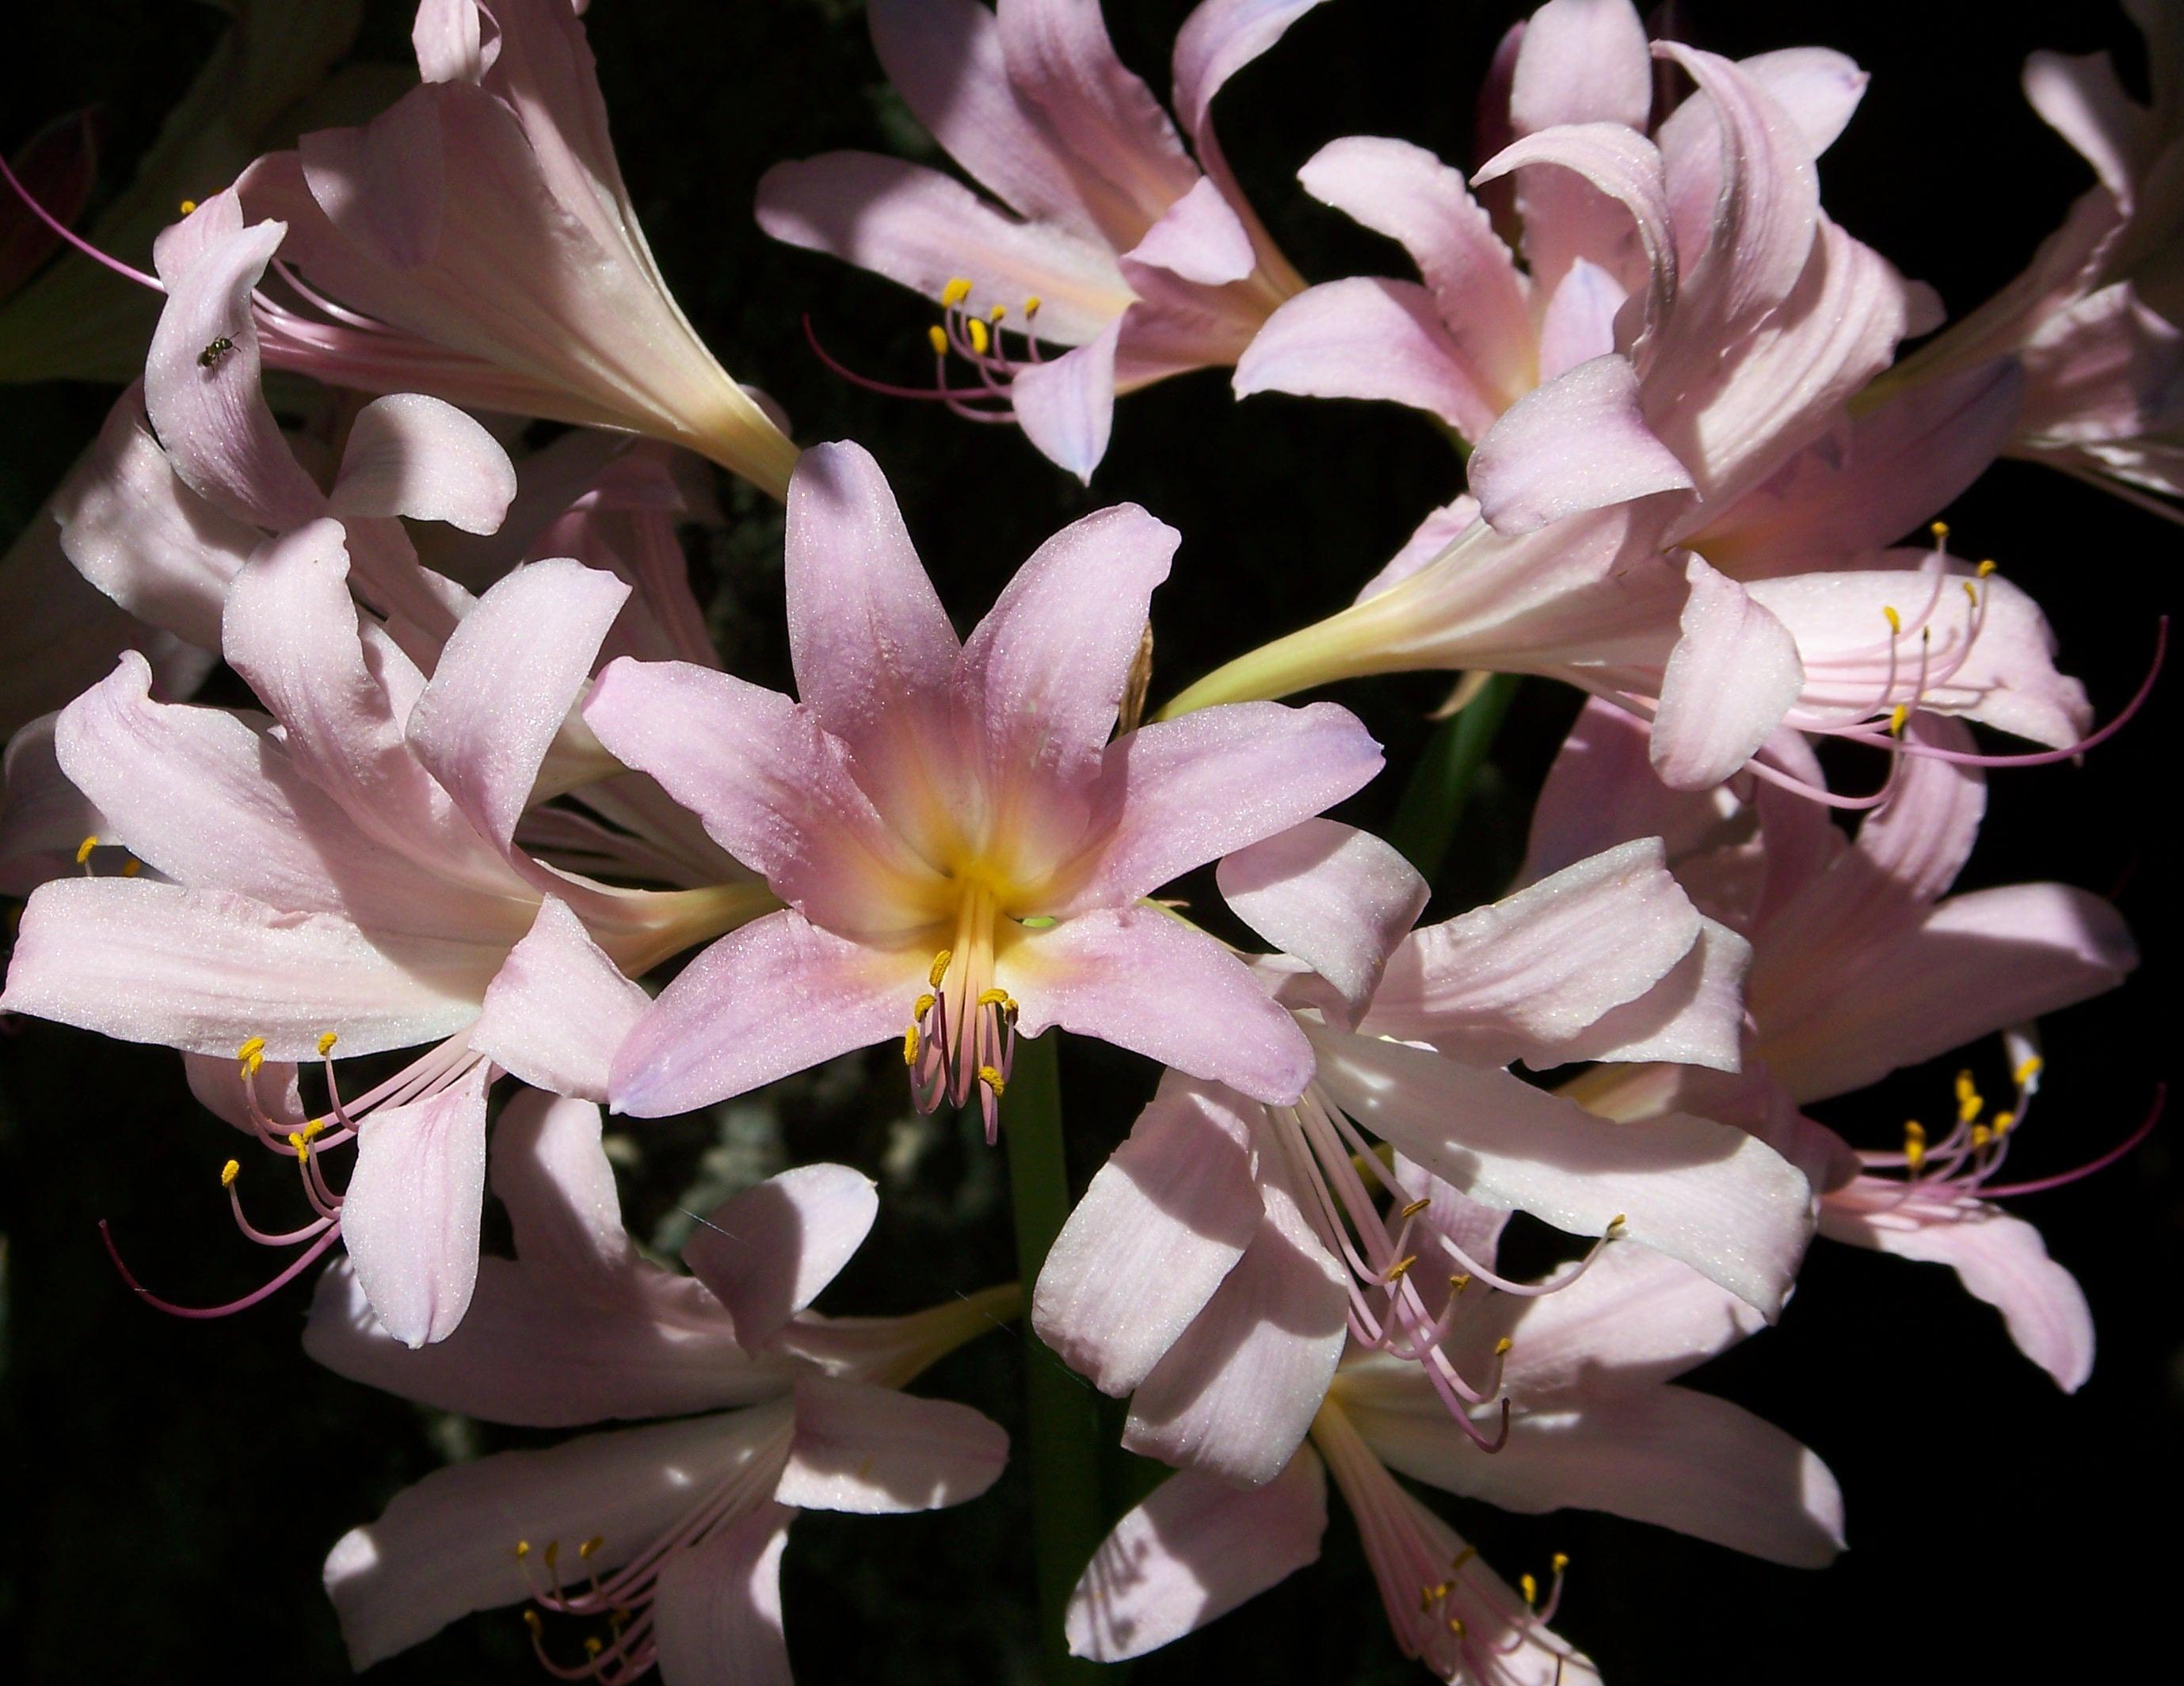 images gratuites fleur p tale t botanique rose flore arbuste fleurs de lys lis ao t. Black Bedroom Furniture Sets. Home Design Ideas